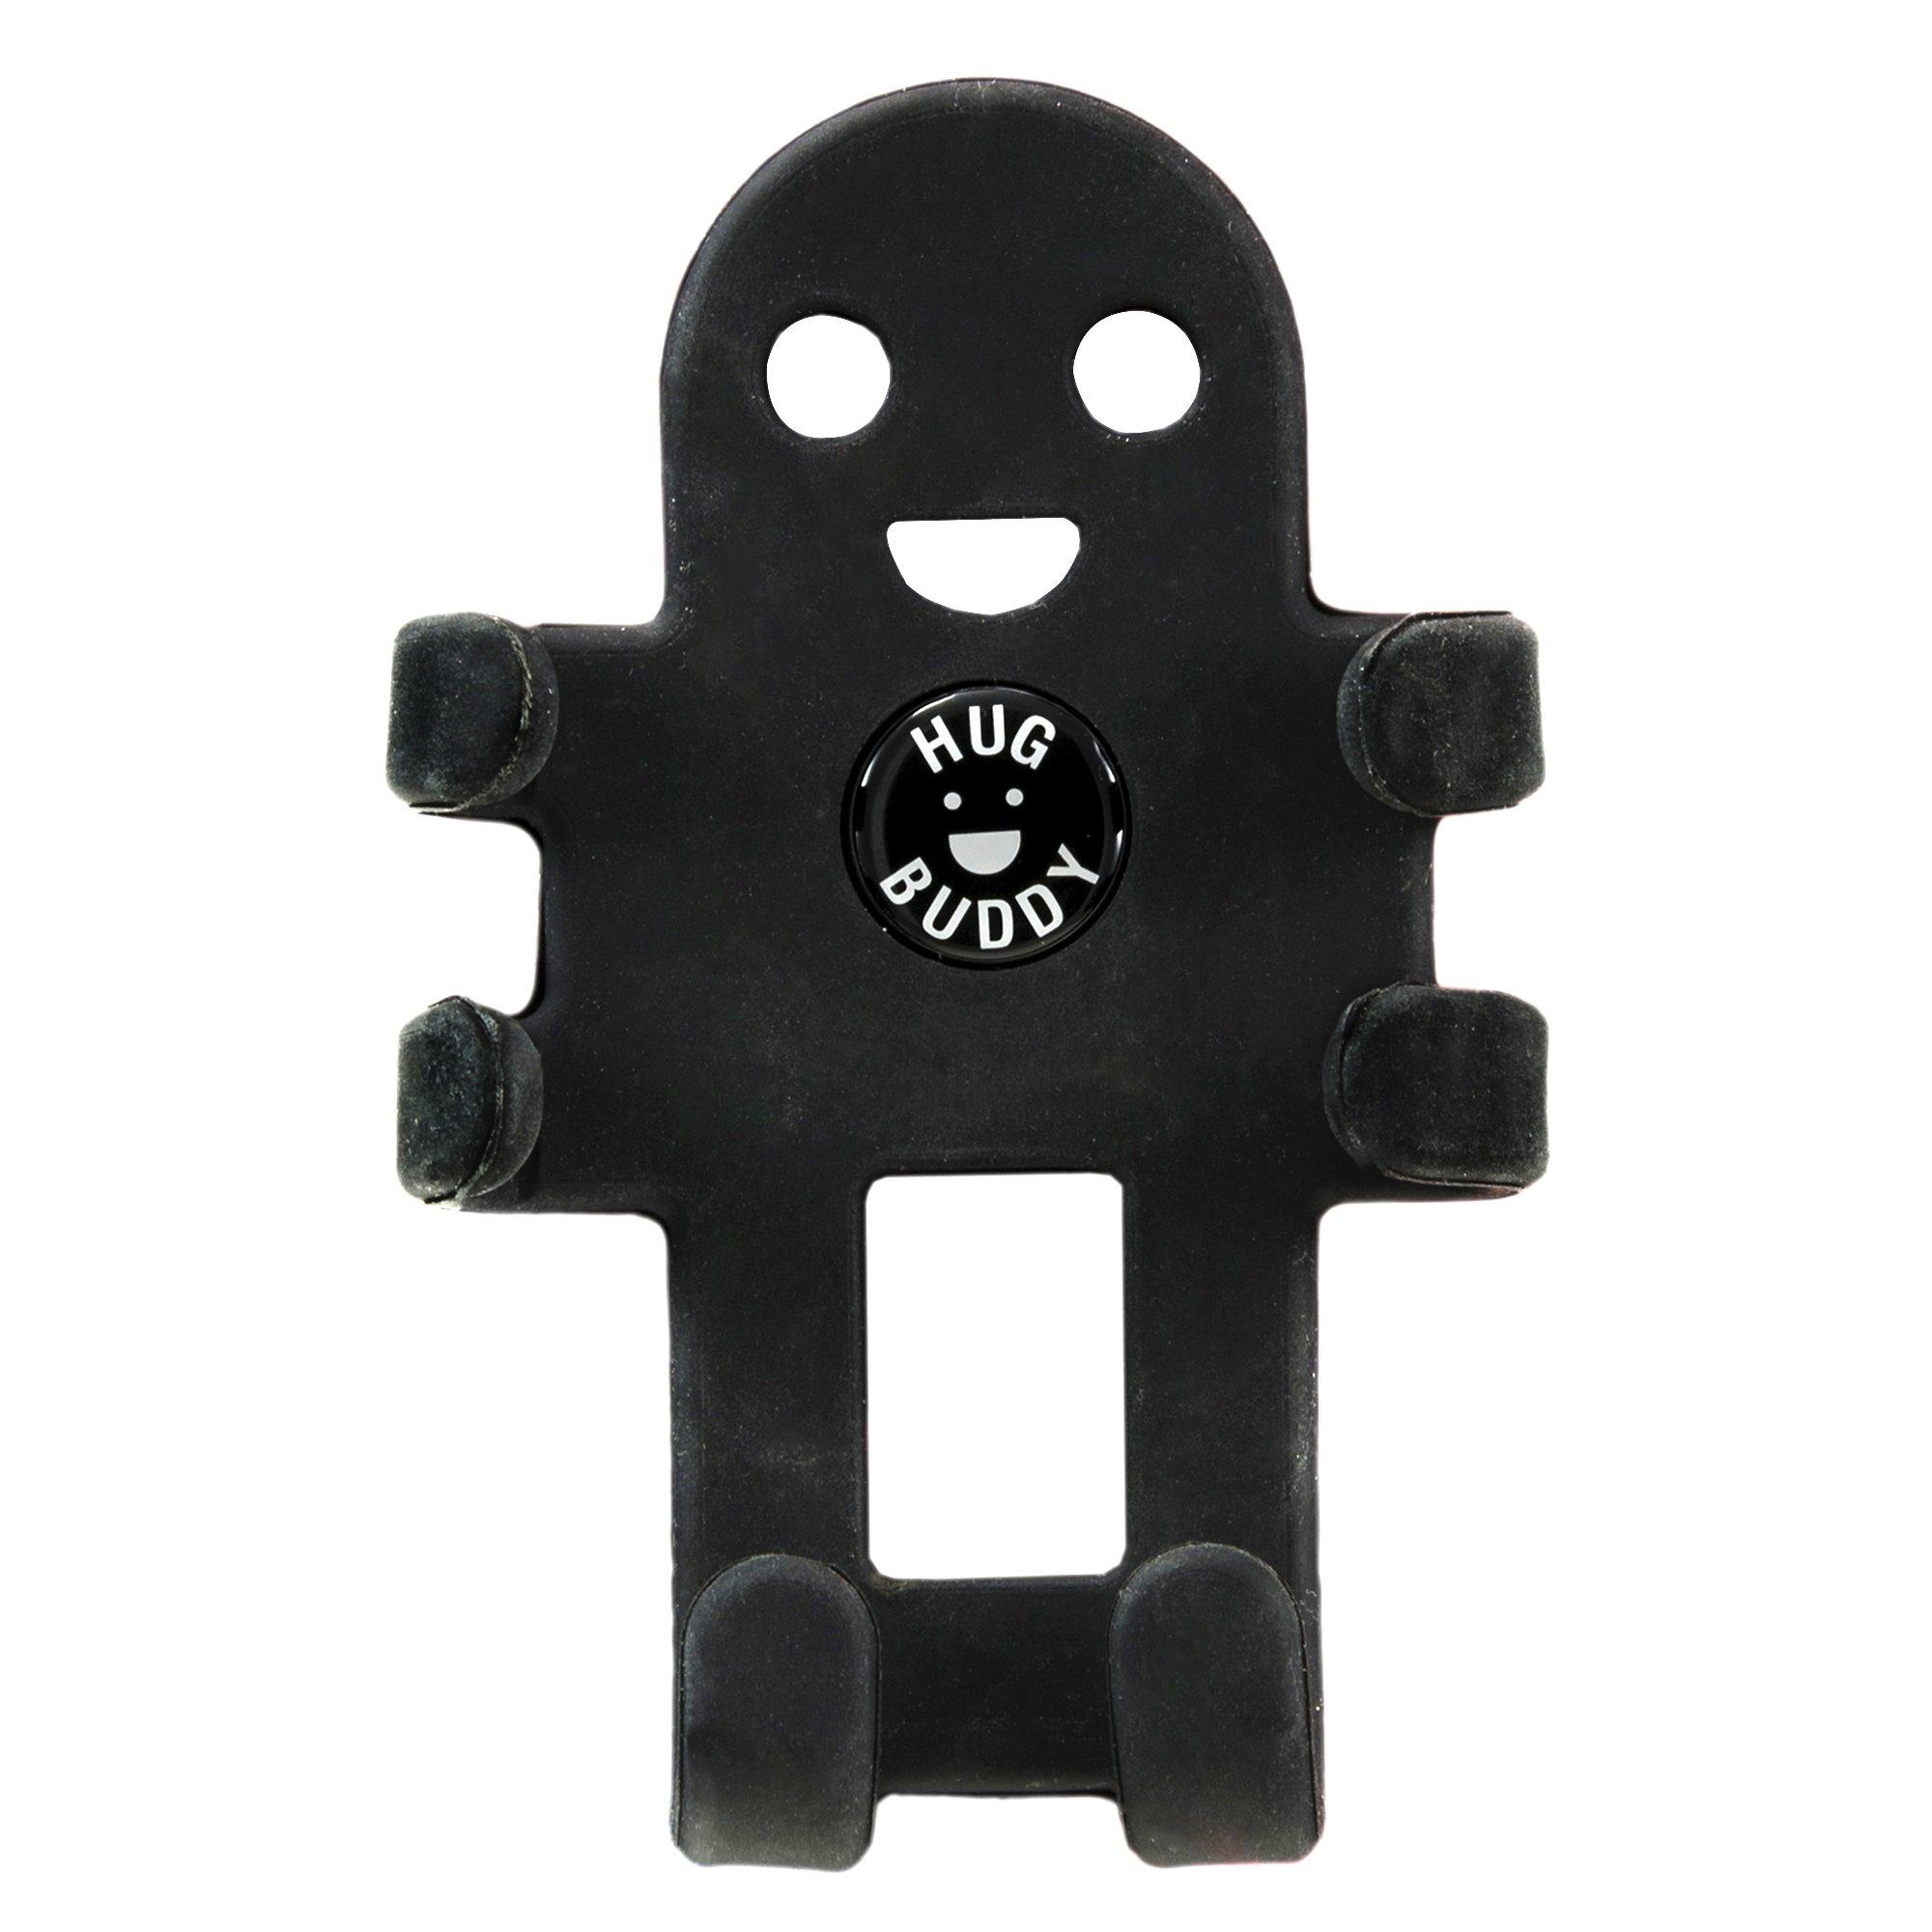 Alpena 66586Z # #HUGBUDDY Device Holder - Black by Alpena